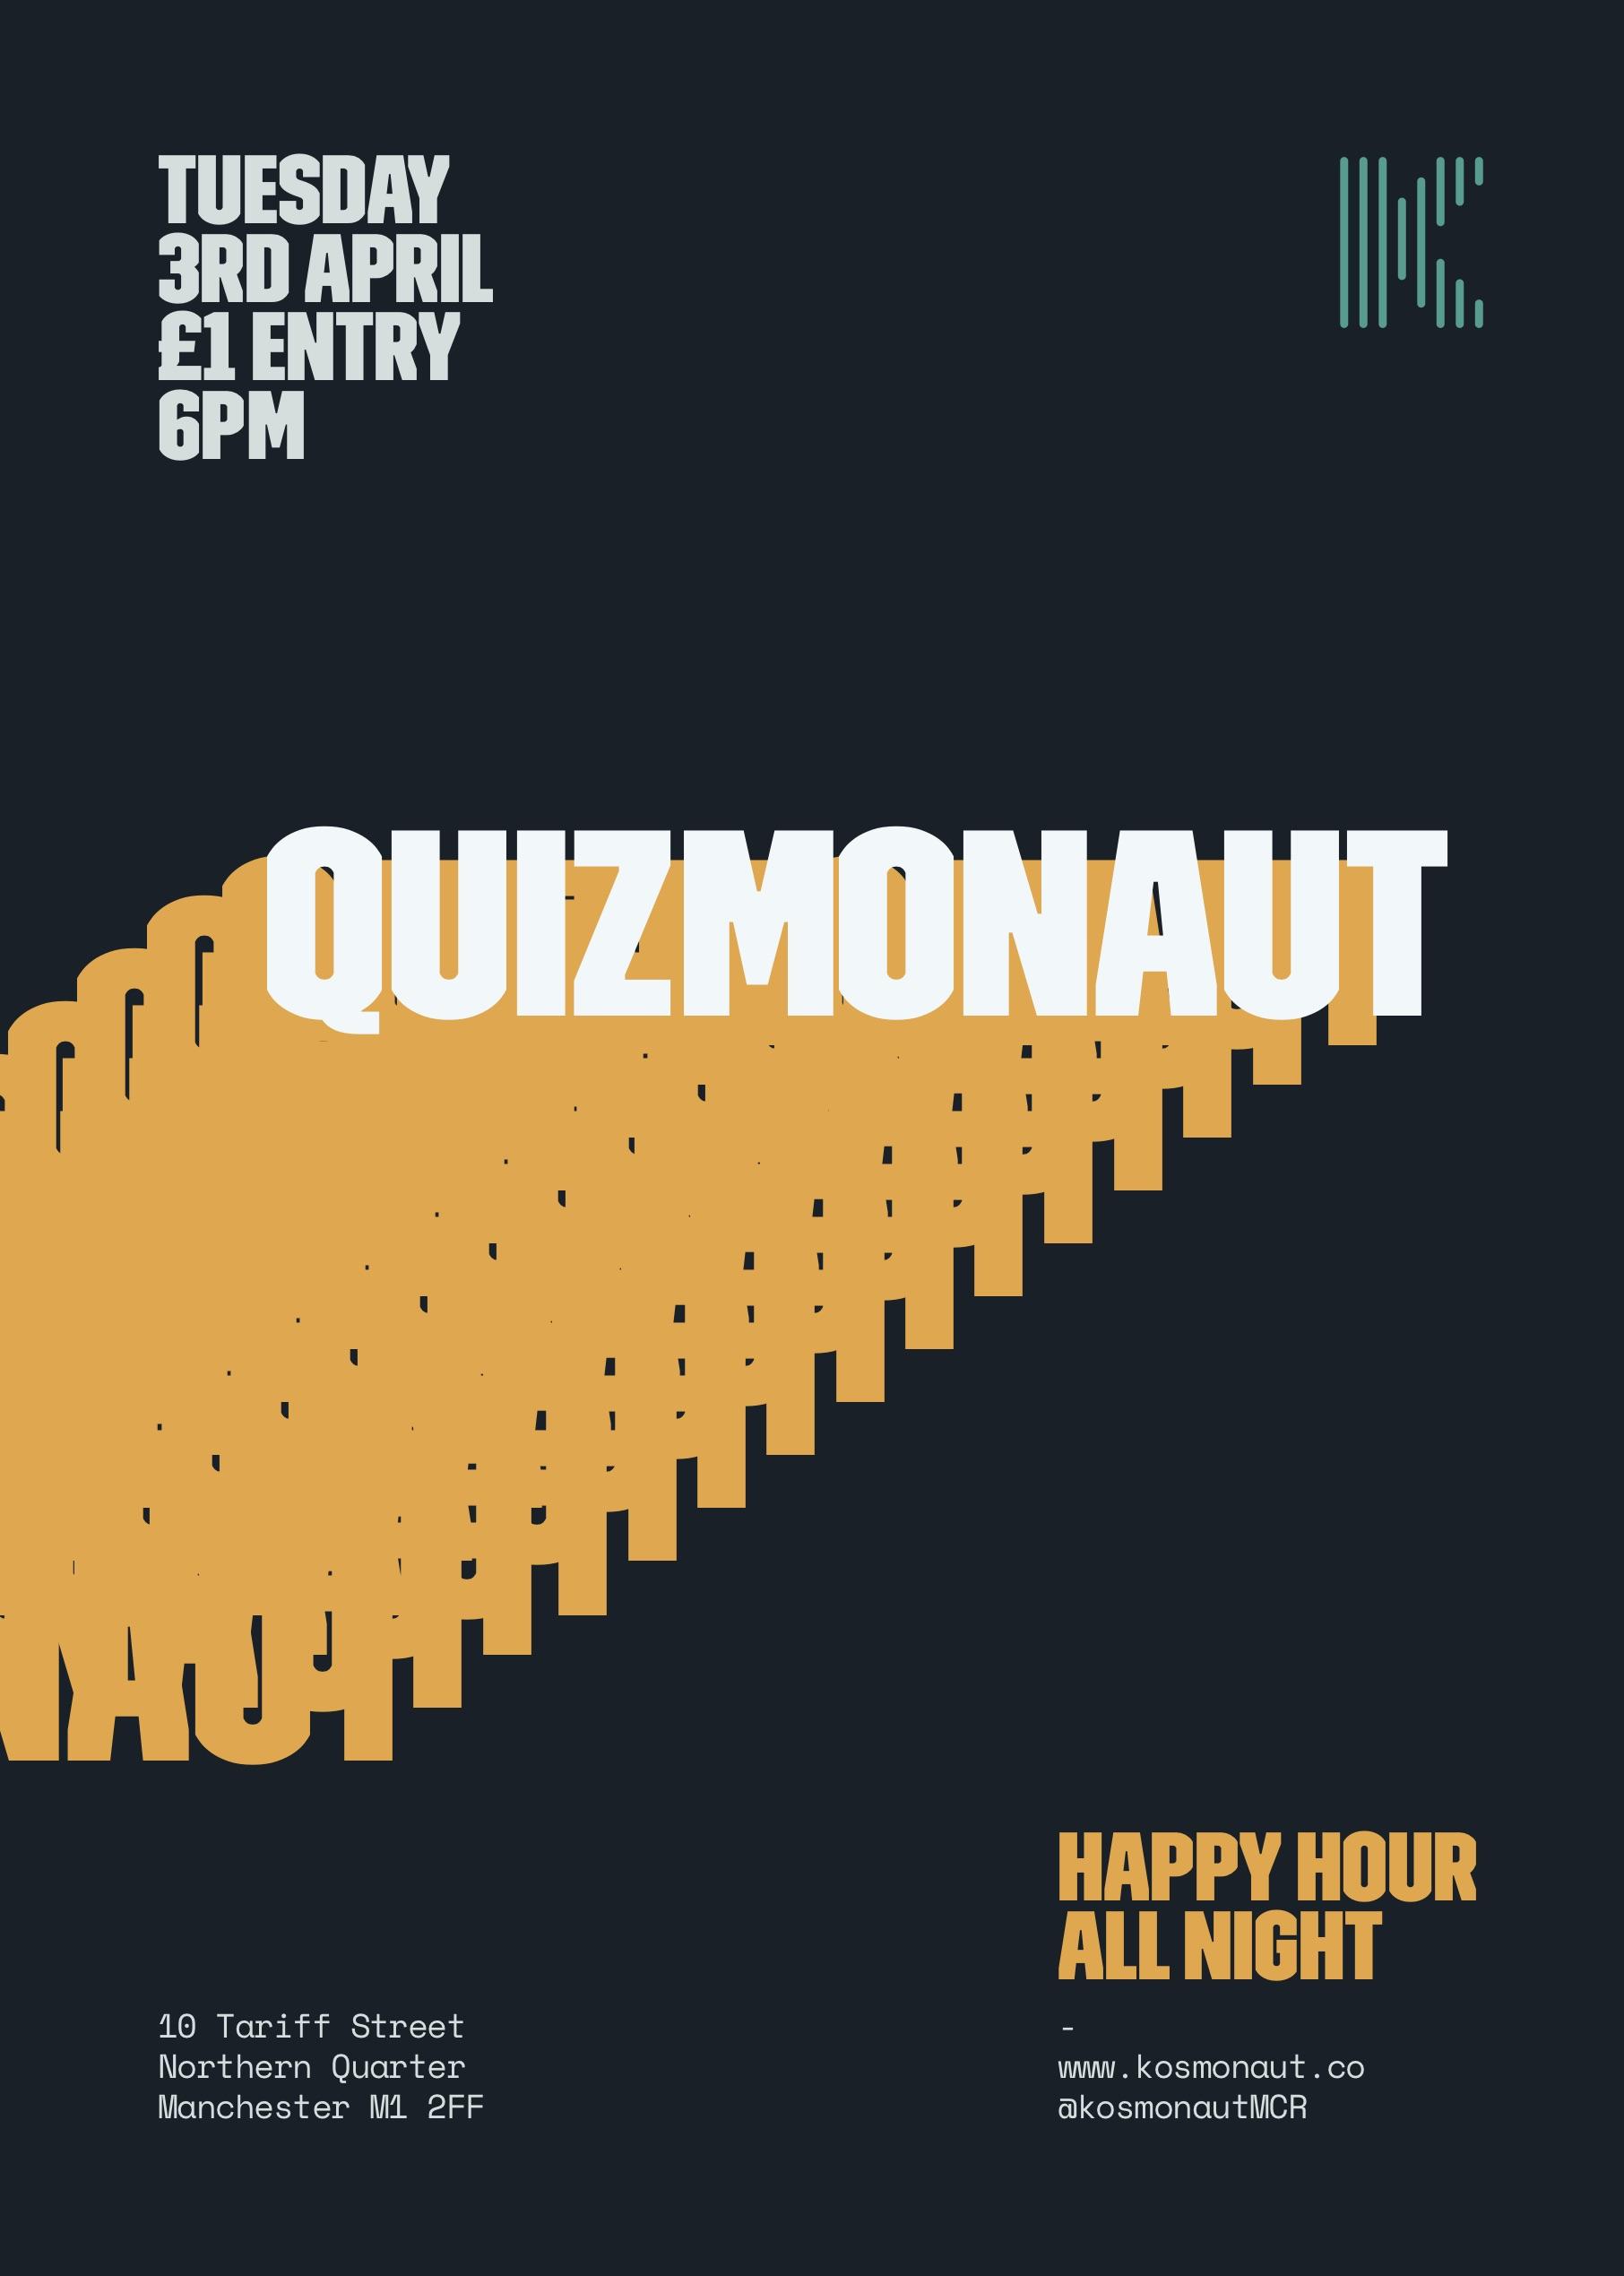 Quizmonaut